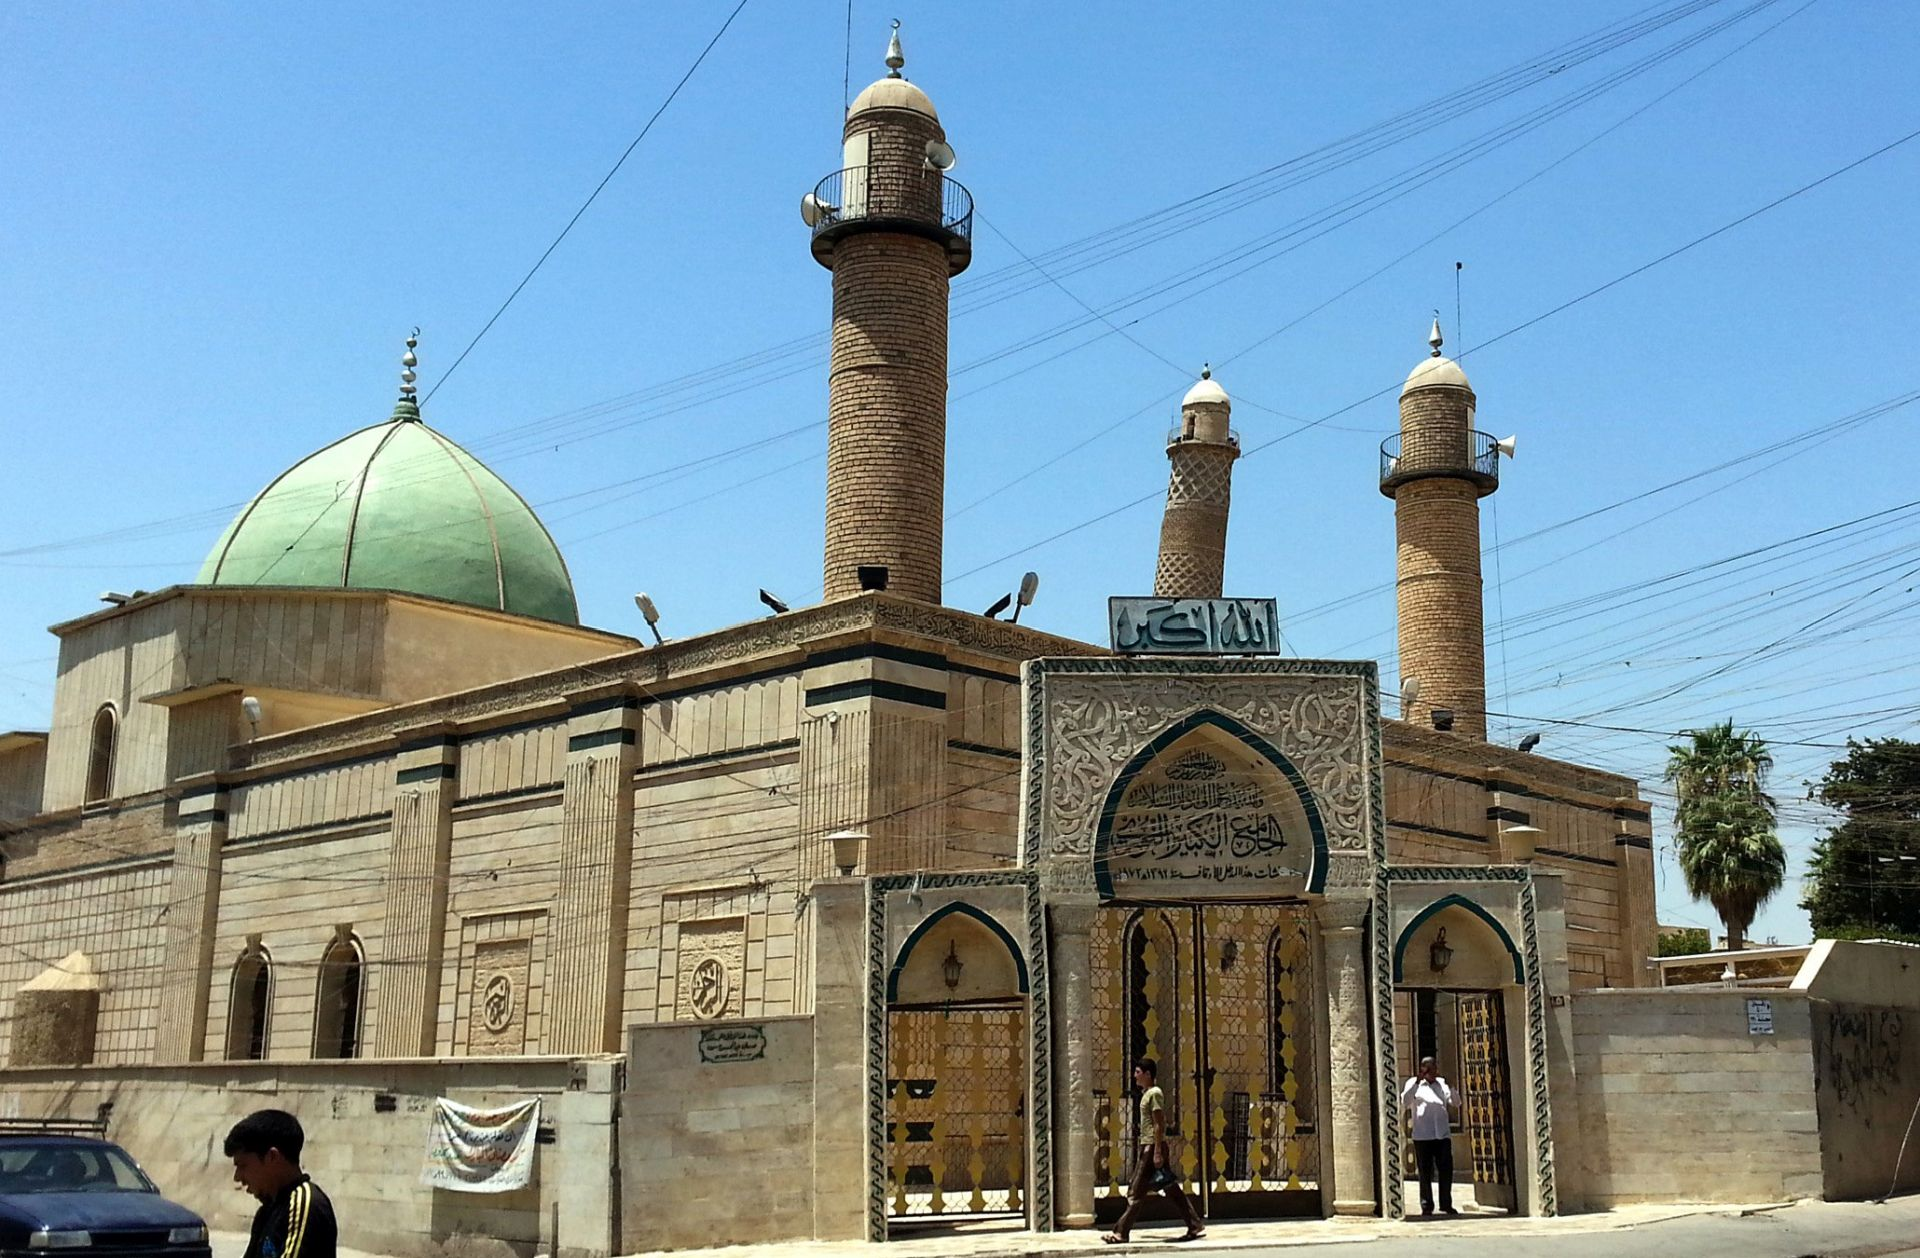 Uništenje džamije u Mosulu znak poraza Islamske države